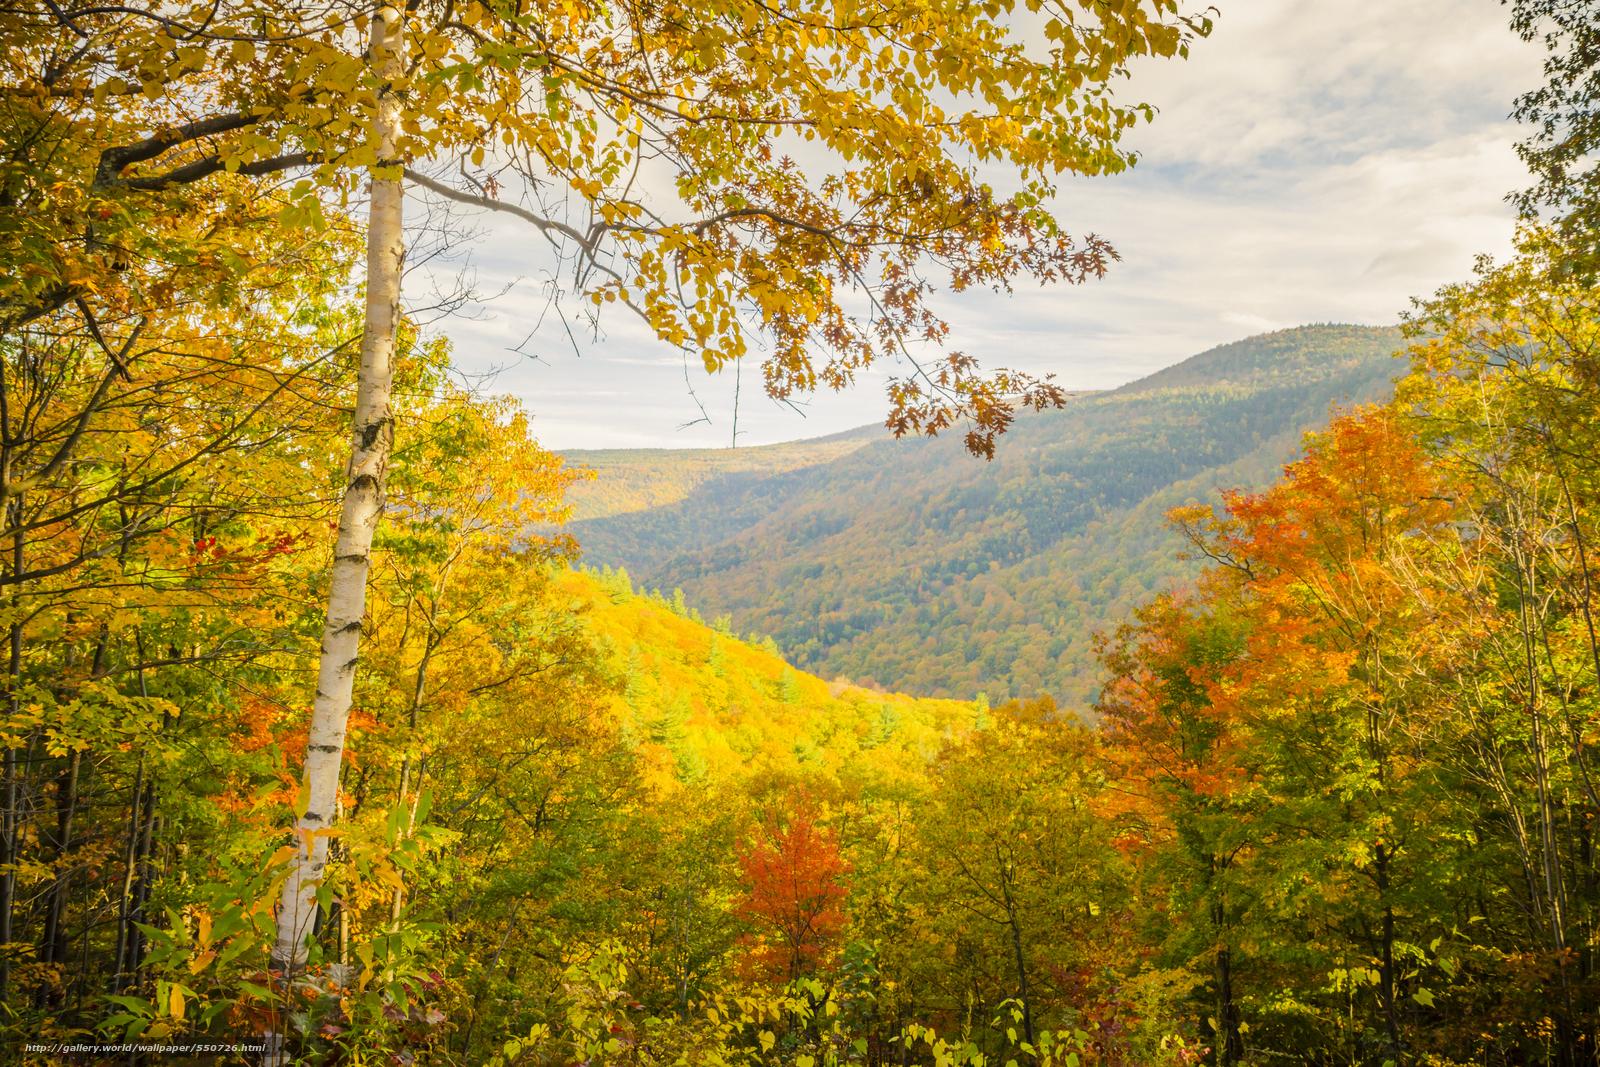 tlcharger fond d 39 ecran automne arbres montagnes paysage fonds d 39 ecran gratuits pour votre. Black Bedroom Furniture Sets. Home Design Ideas